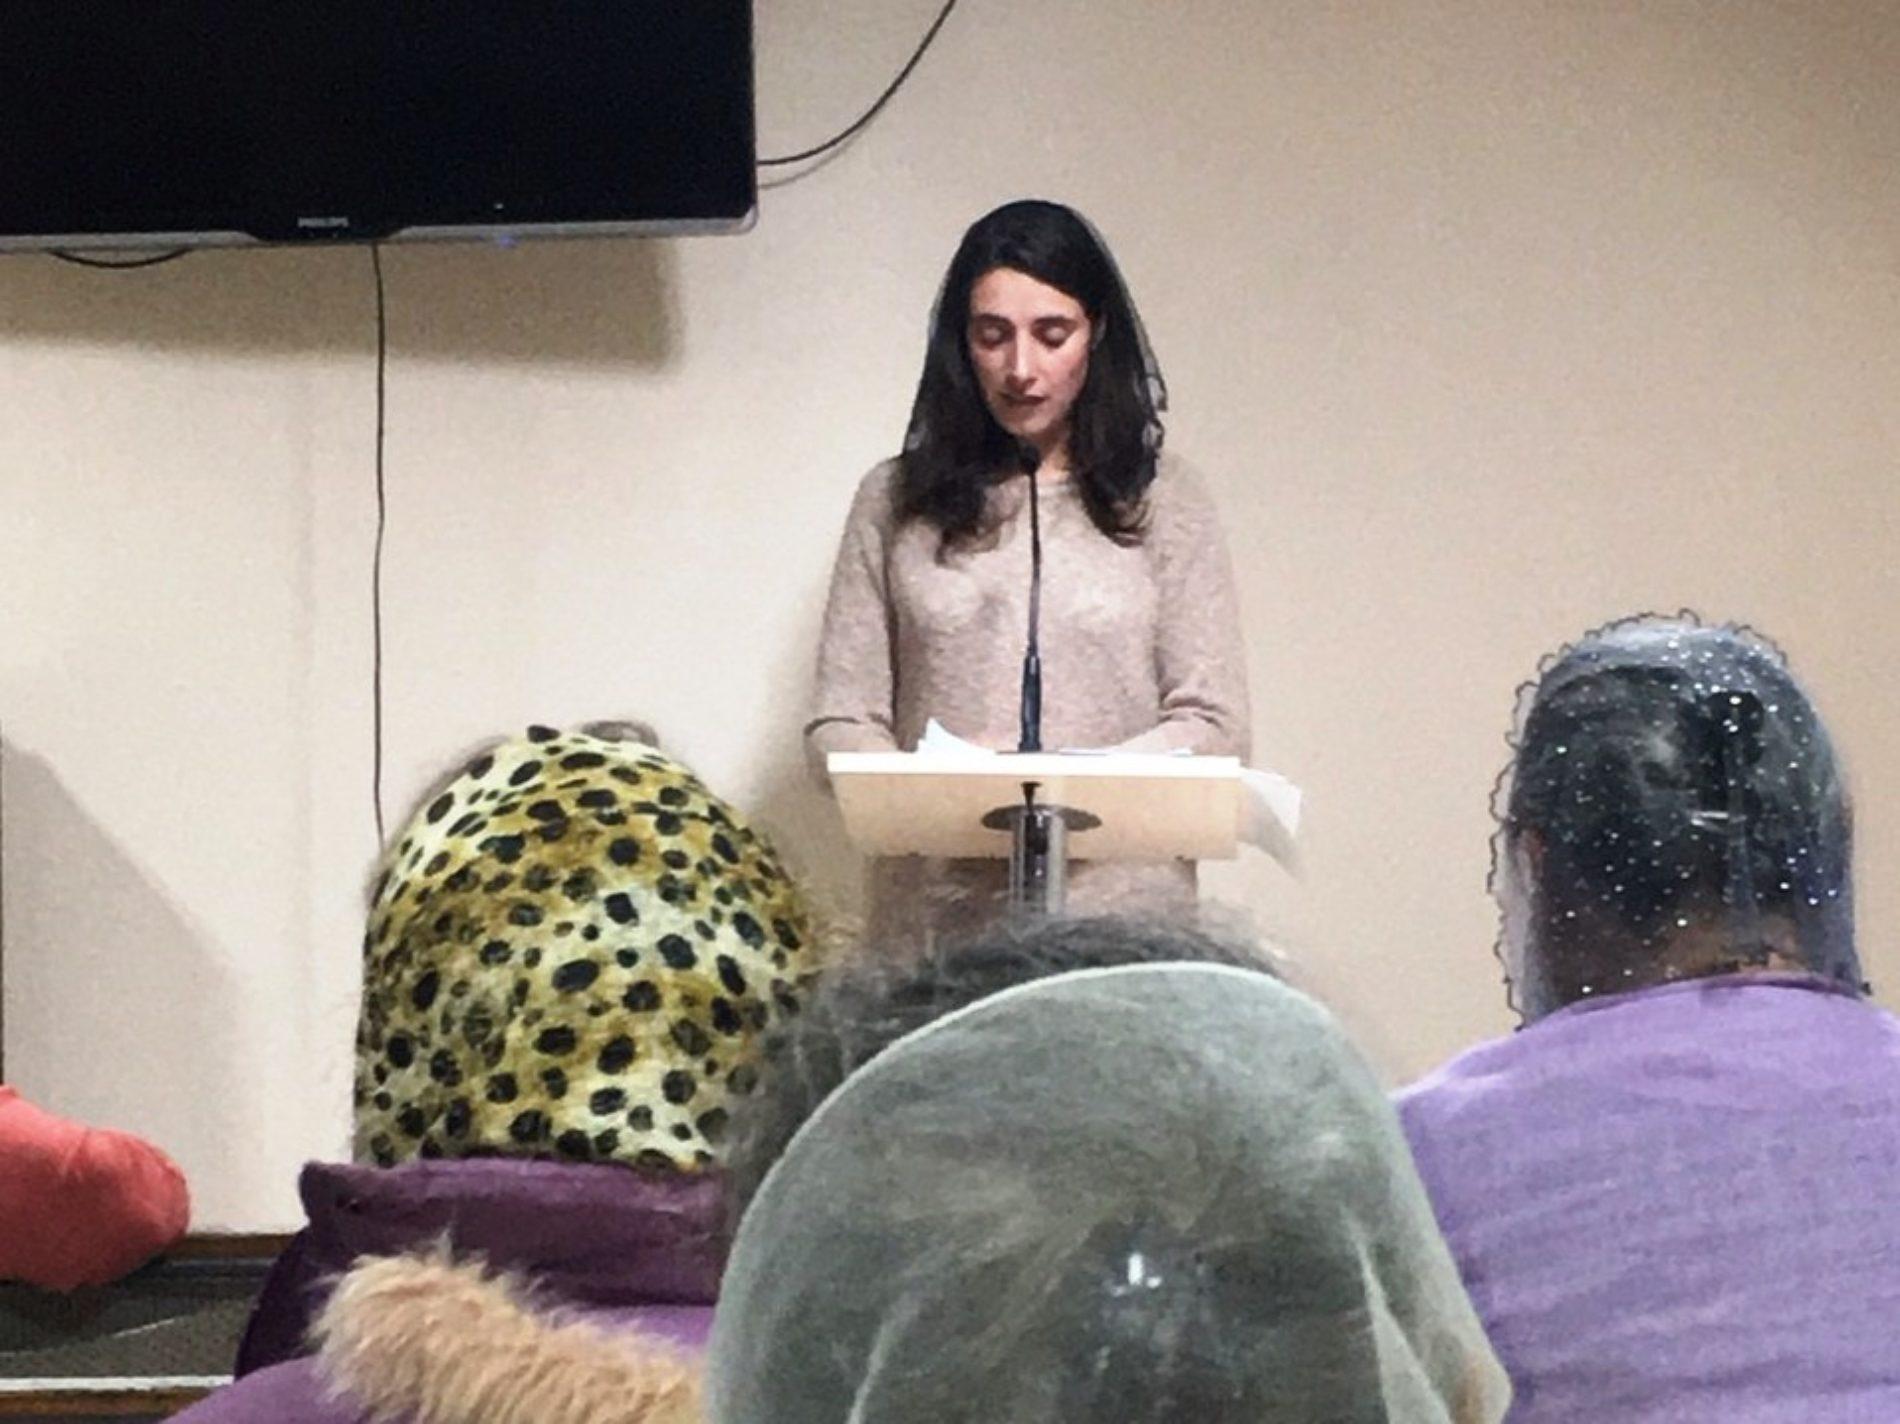 Волинь звітує: заходи в рамках жіночого служінняу листопаді-січні 2018/2019 року